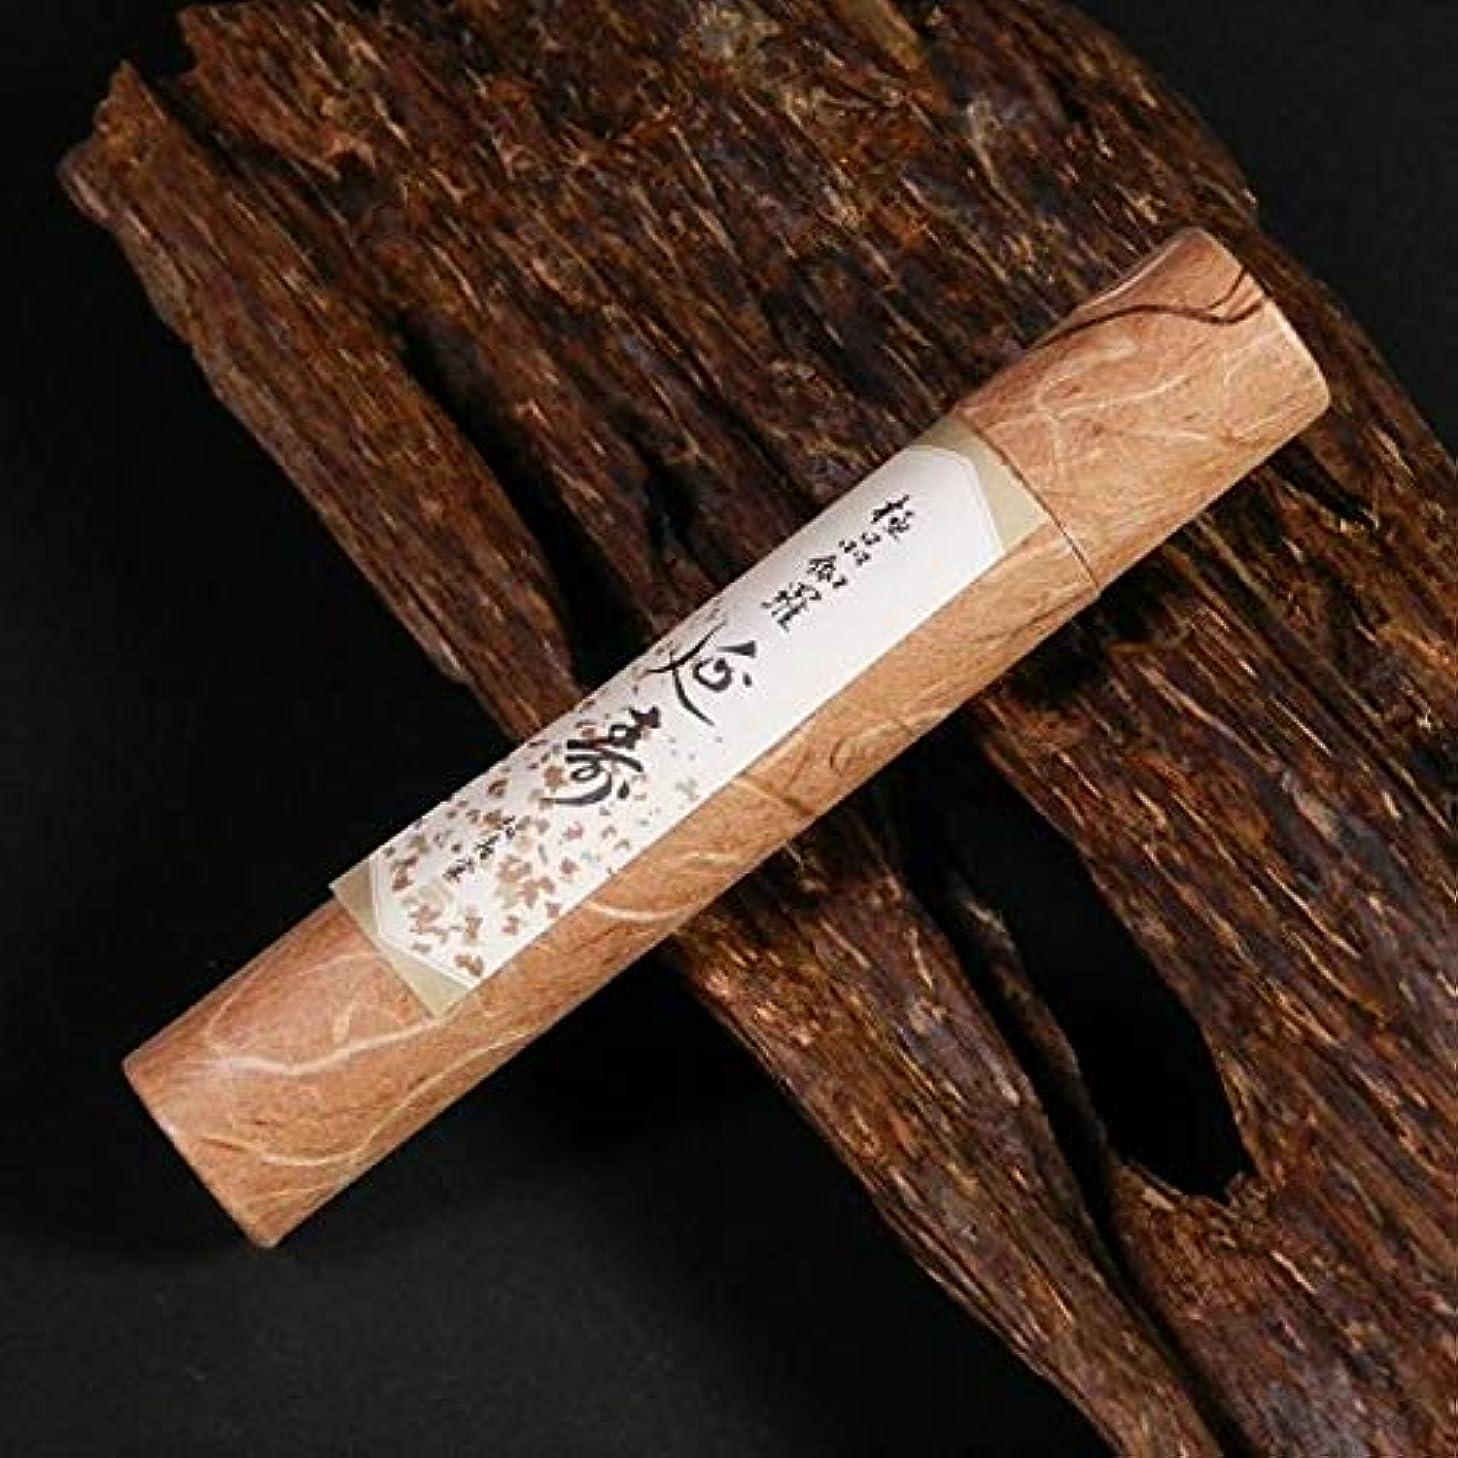 いつでも理想的ネスト誠寿堂のお香 極品伽羅延寿 印籠タイプ 15本入